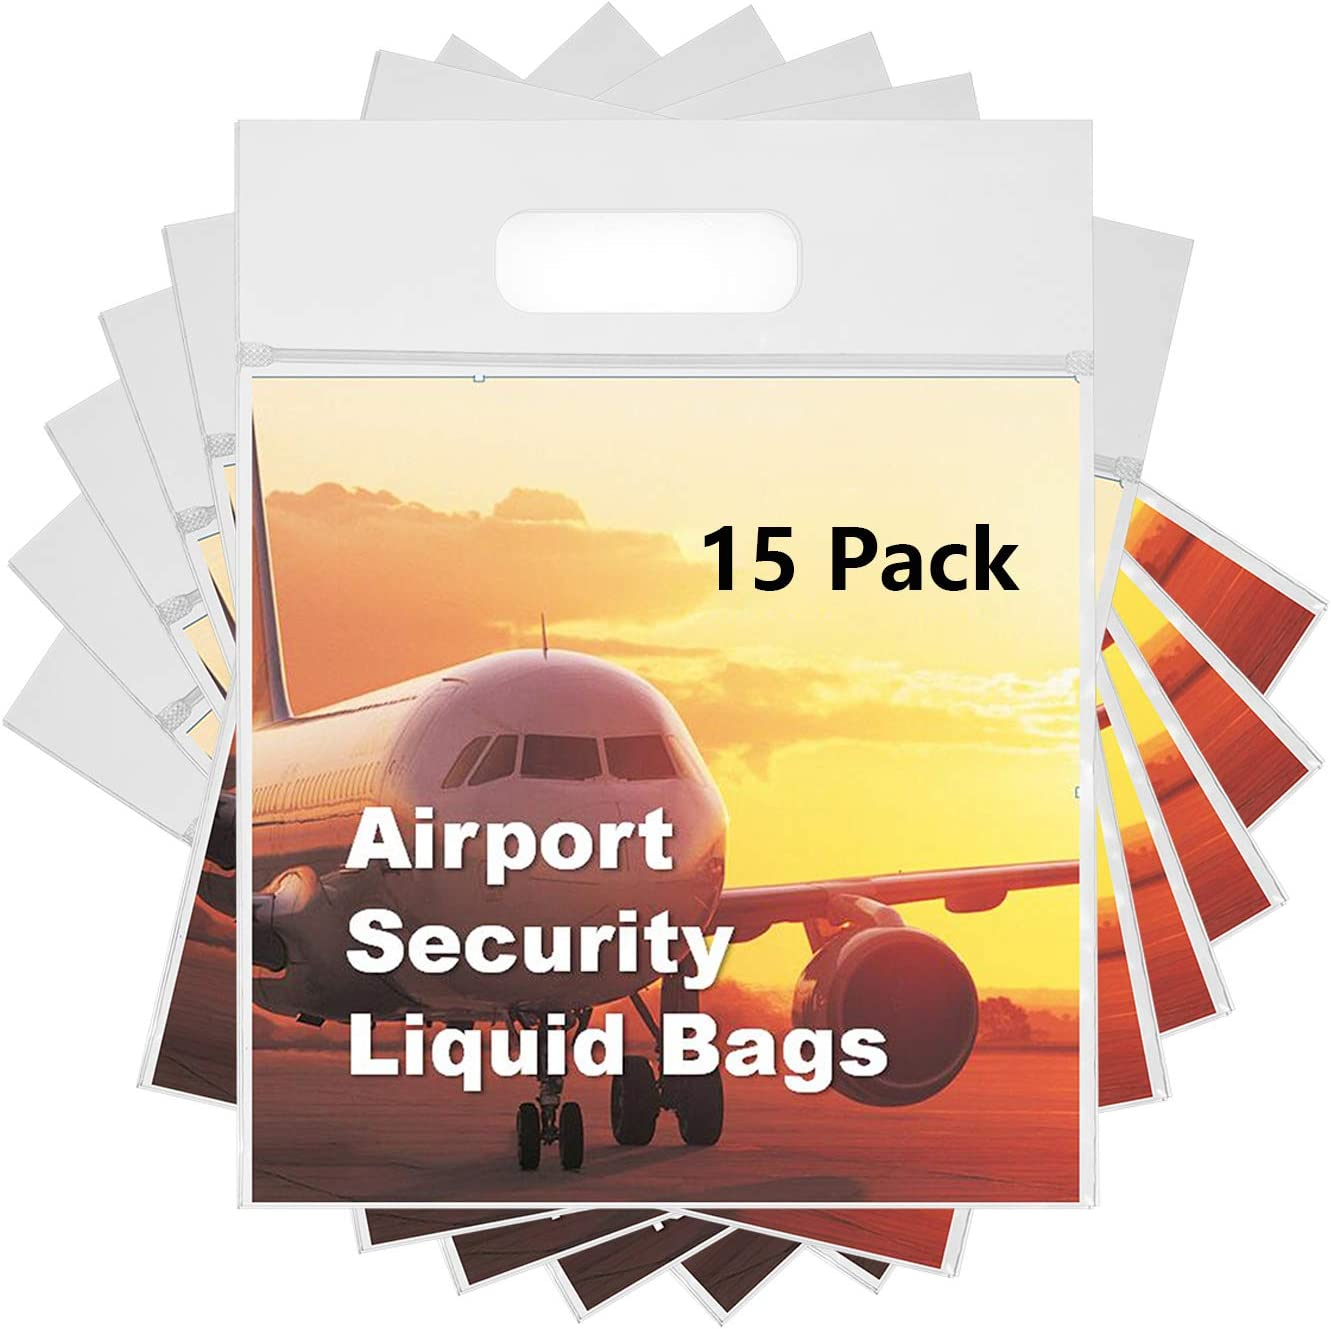 MOCOCITO Neceser y Bolsa Transparente para Líquidos en el Equipaje de Mano.Bolsas de Líquidos para Viaje en Avión, Plástico y Resellable con Dimensión de 20 x 20cm y Capacidad de un litro [15 Pcs]